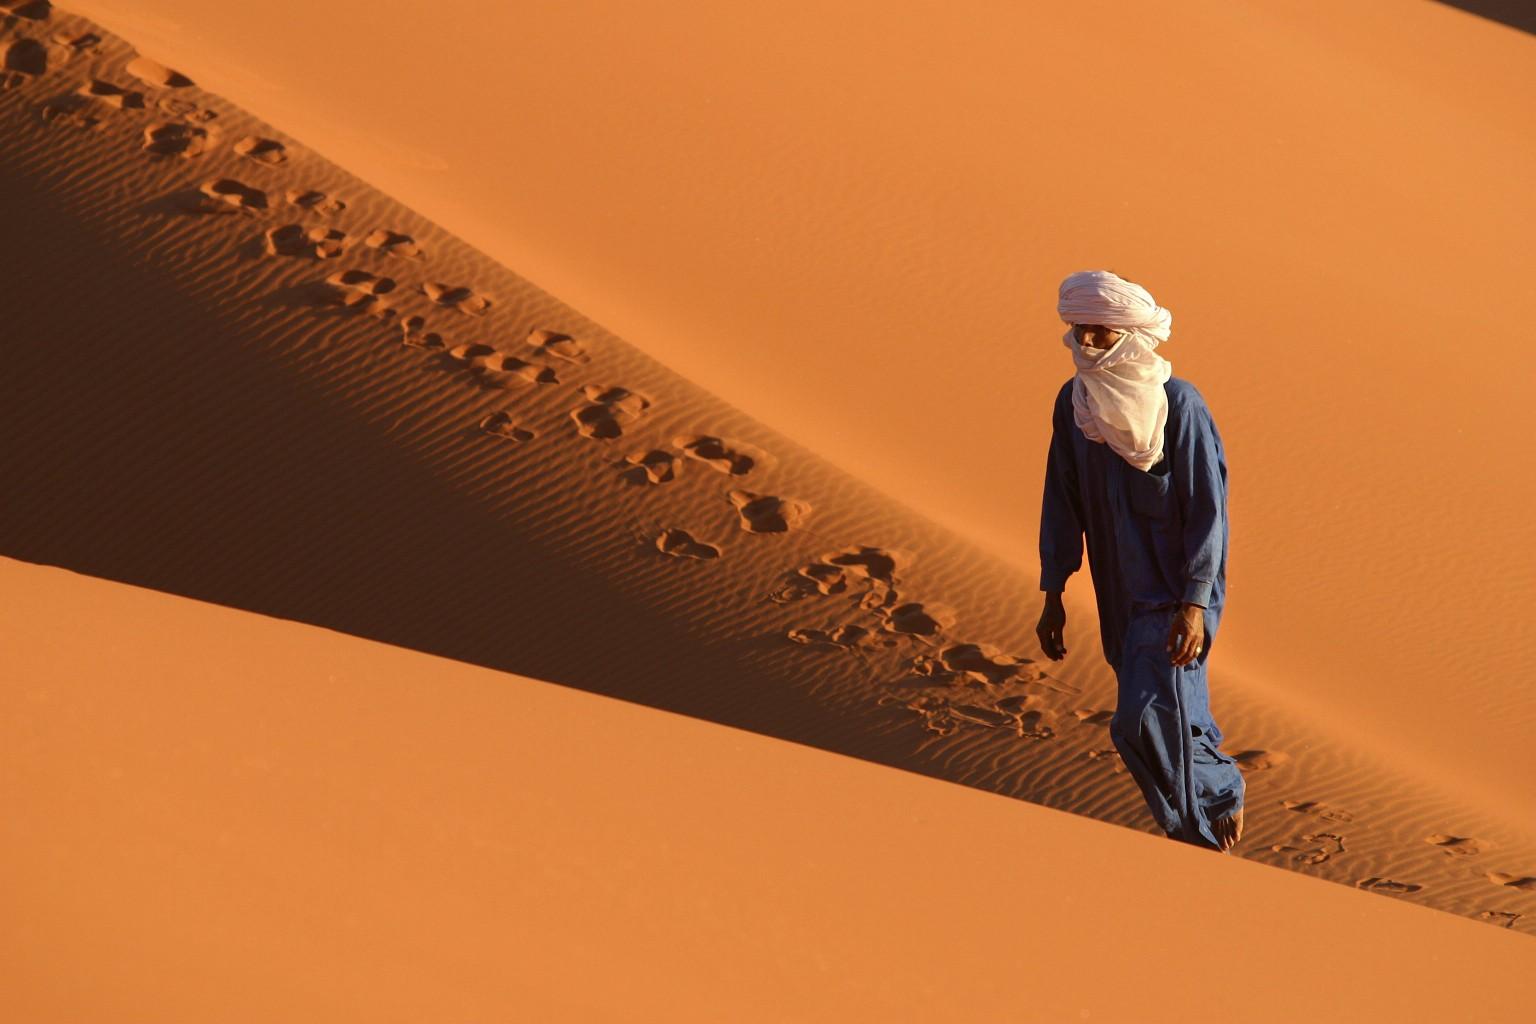 desert-scenes-de-vie-7-8-1536x1024.jpg